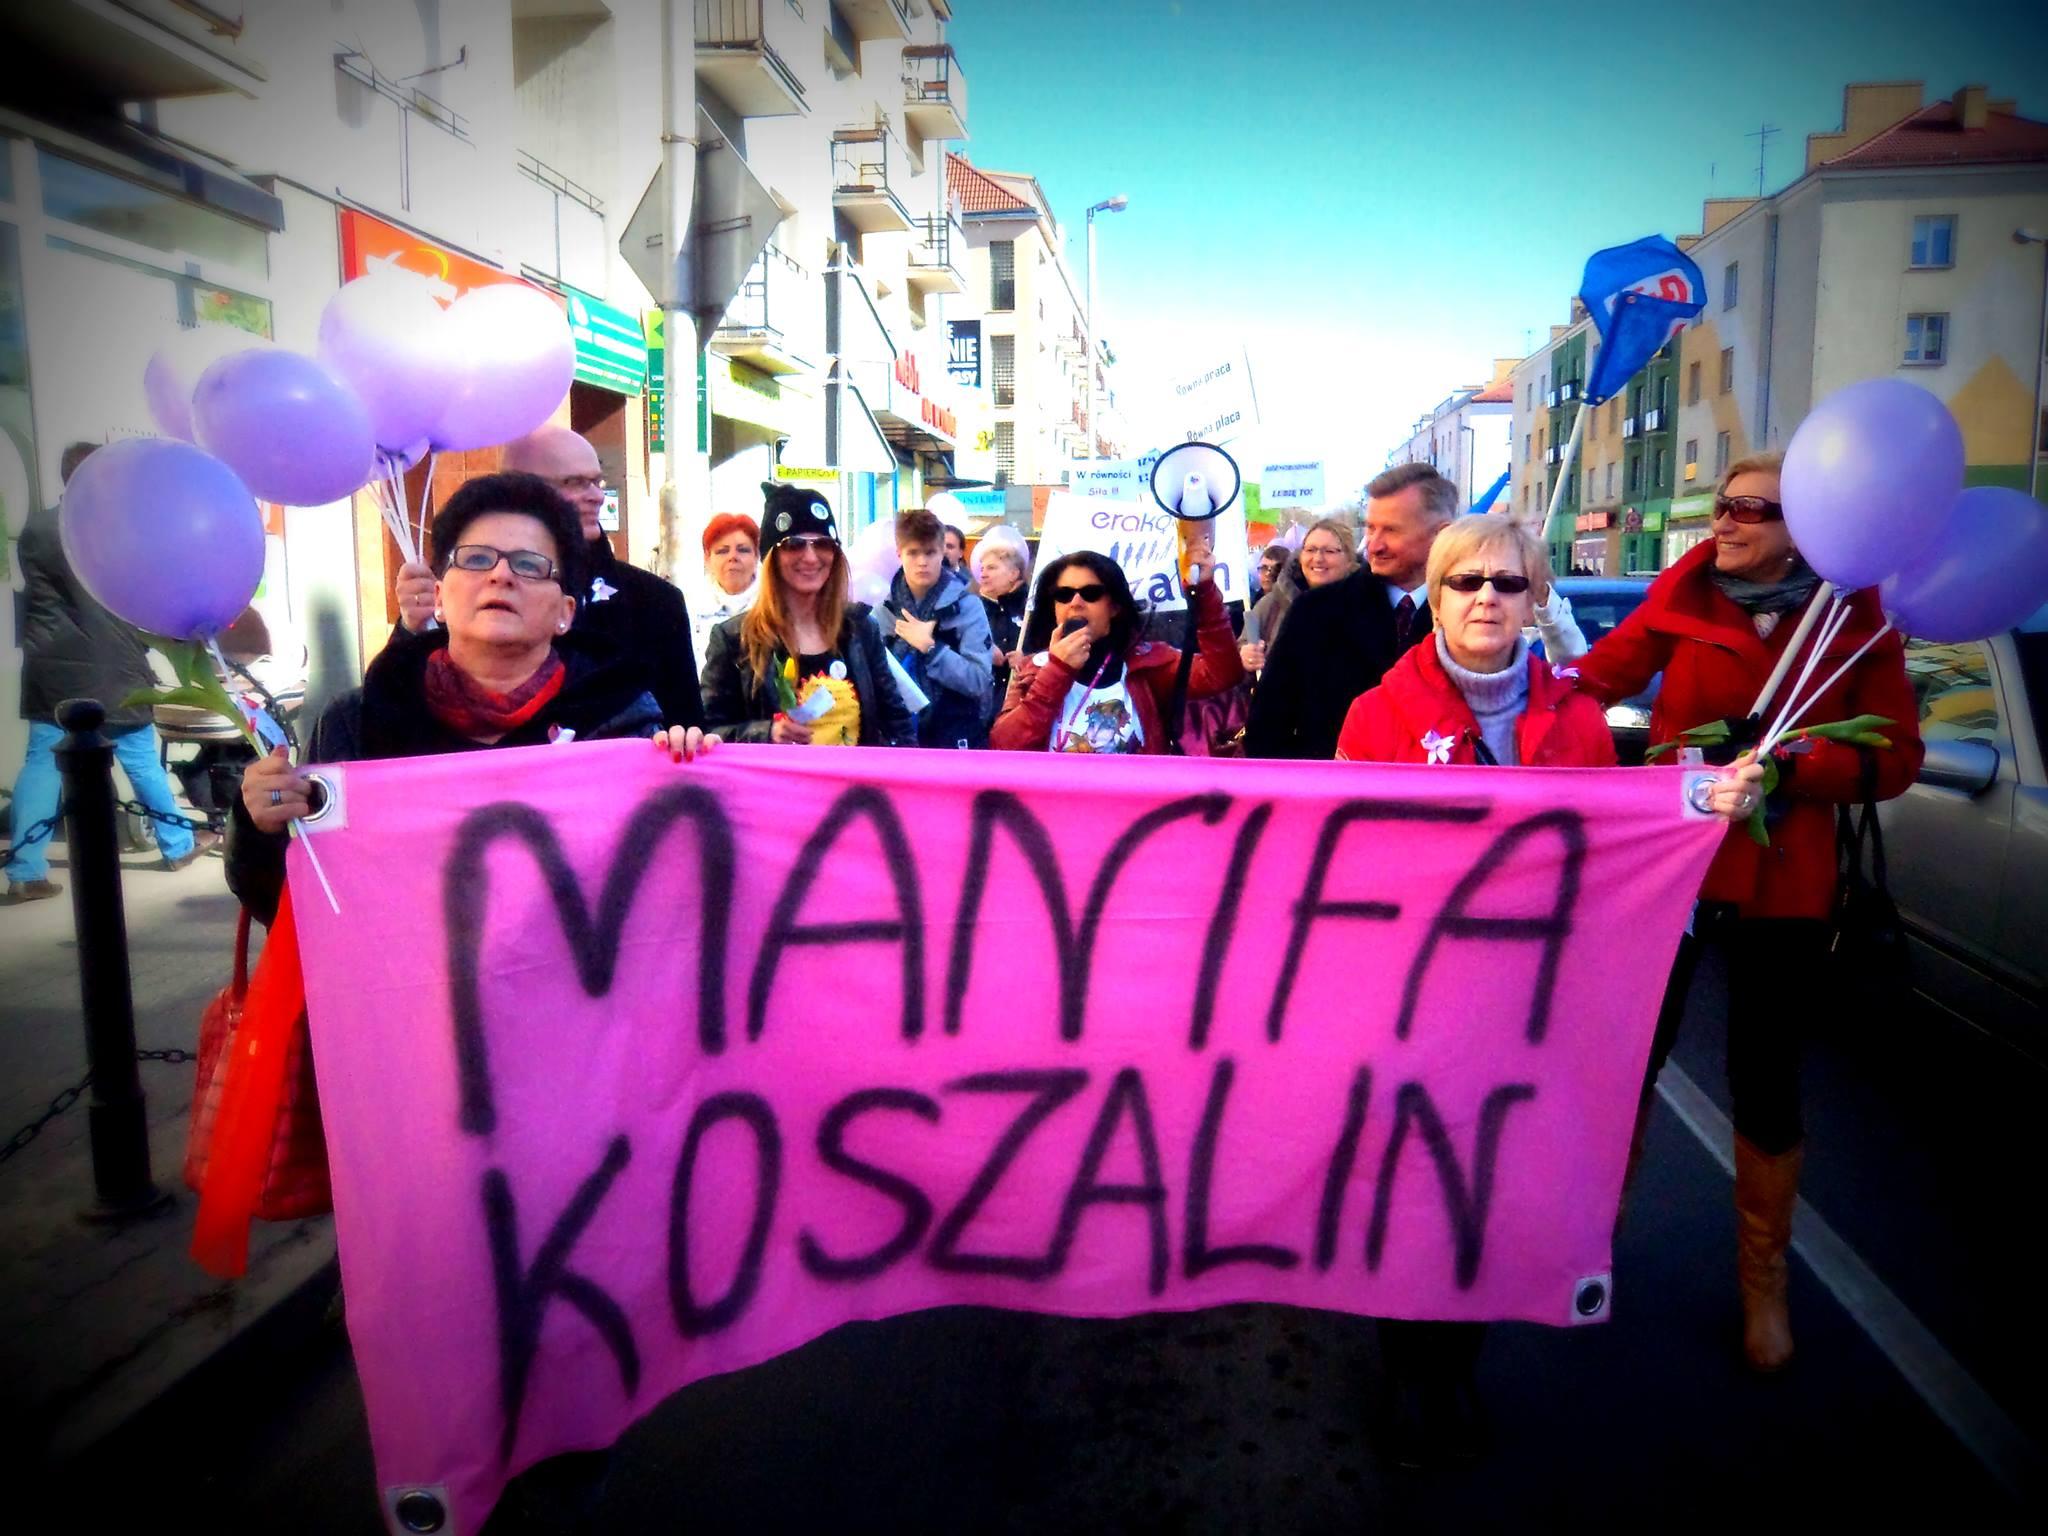 Manifa Koszalin